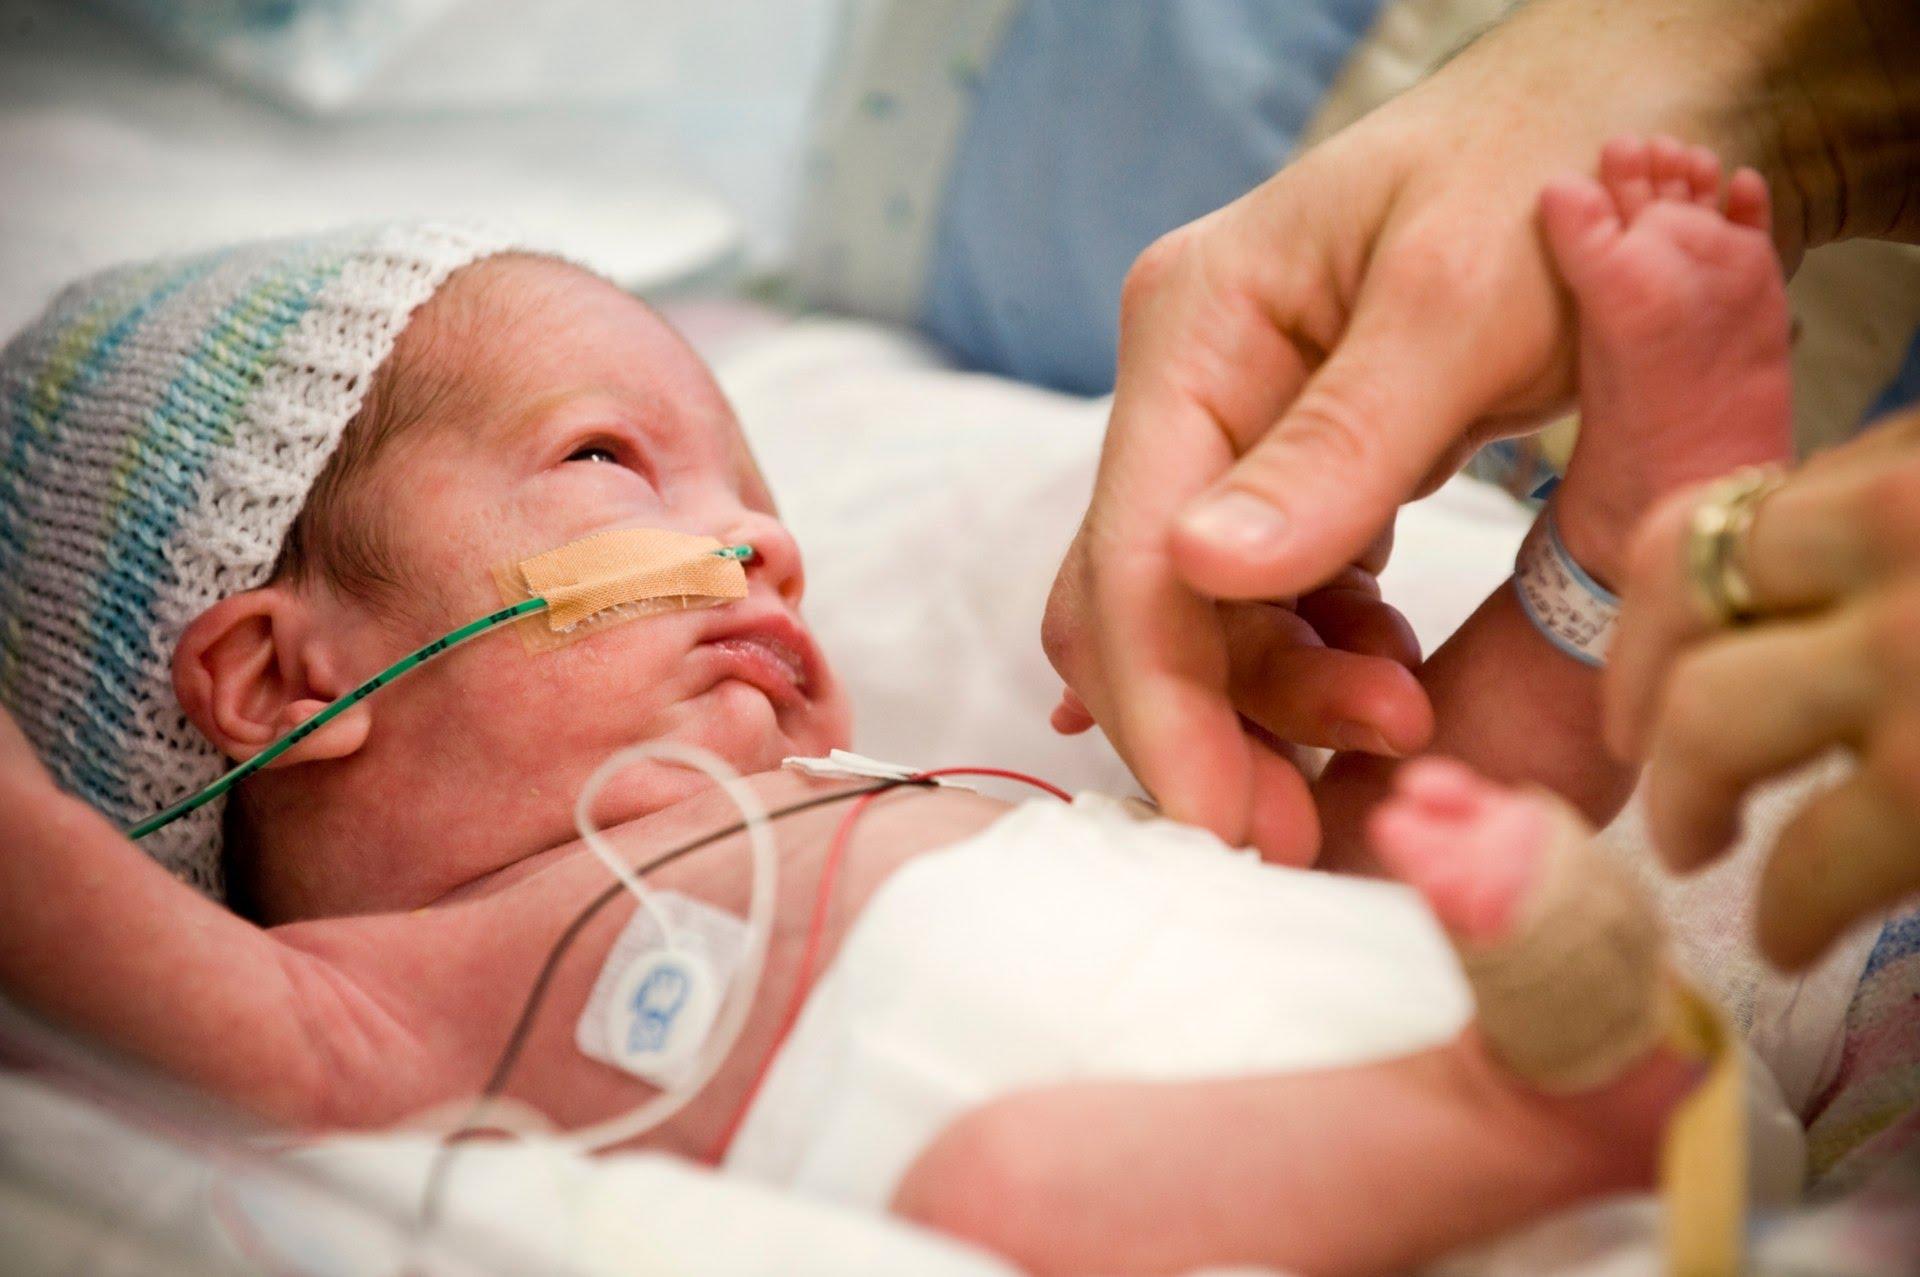 Prematüre Bebeklerin Beslenmesinde Dikkat Edilmesi Gerekenler